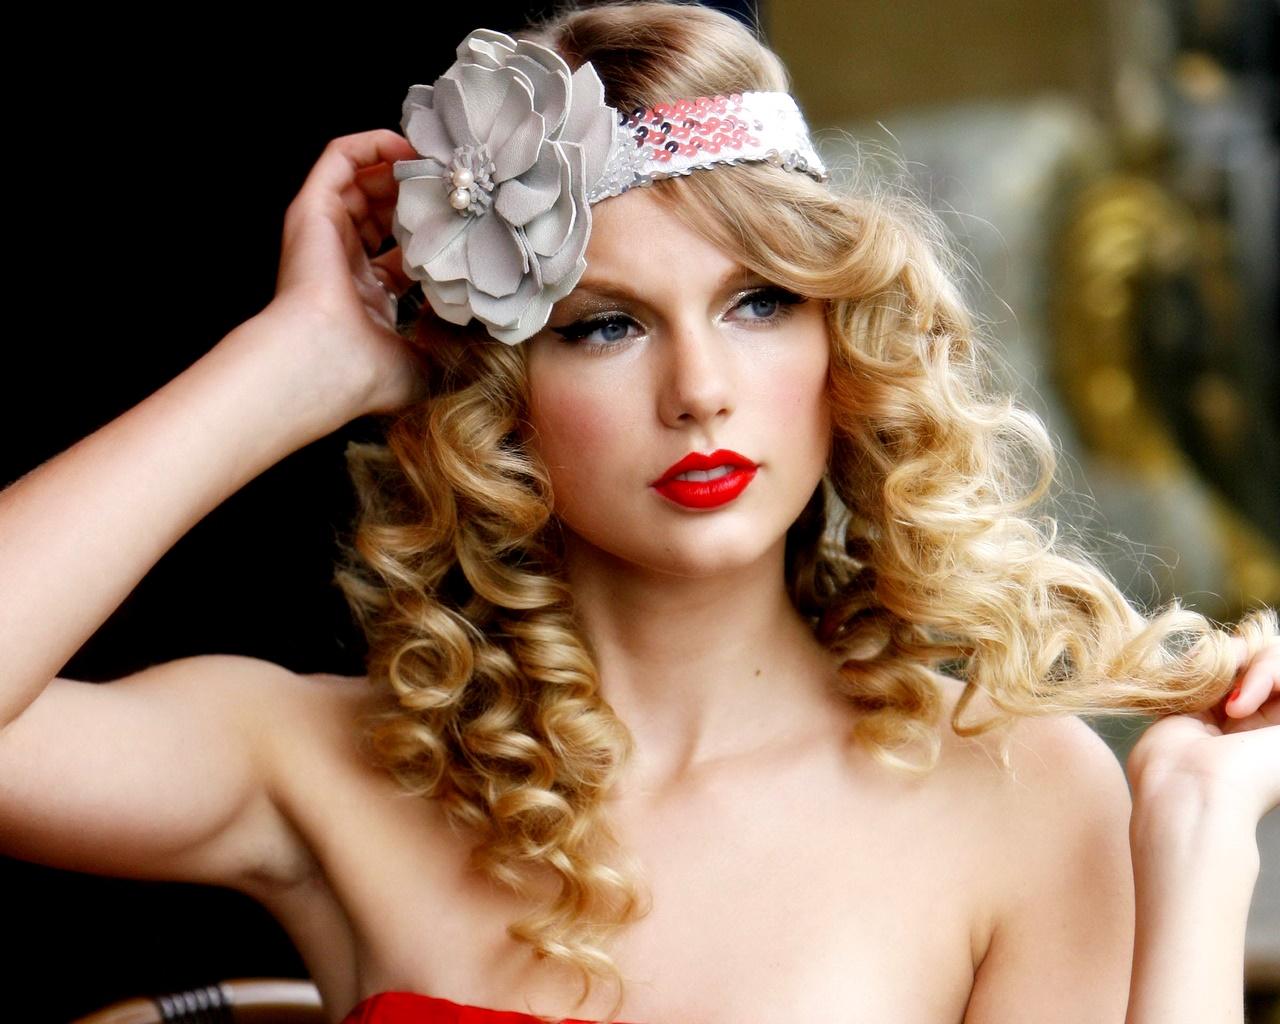 http://4.bp.blogspot.com/-EKnZu4gtaIc/UKEPe9OlsSI/AAAAAAAAAhQ/amoHu7T1Zuc/s1600/Taylor-Swift5.jpg